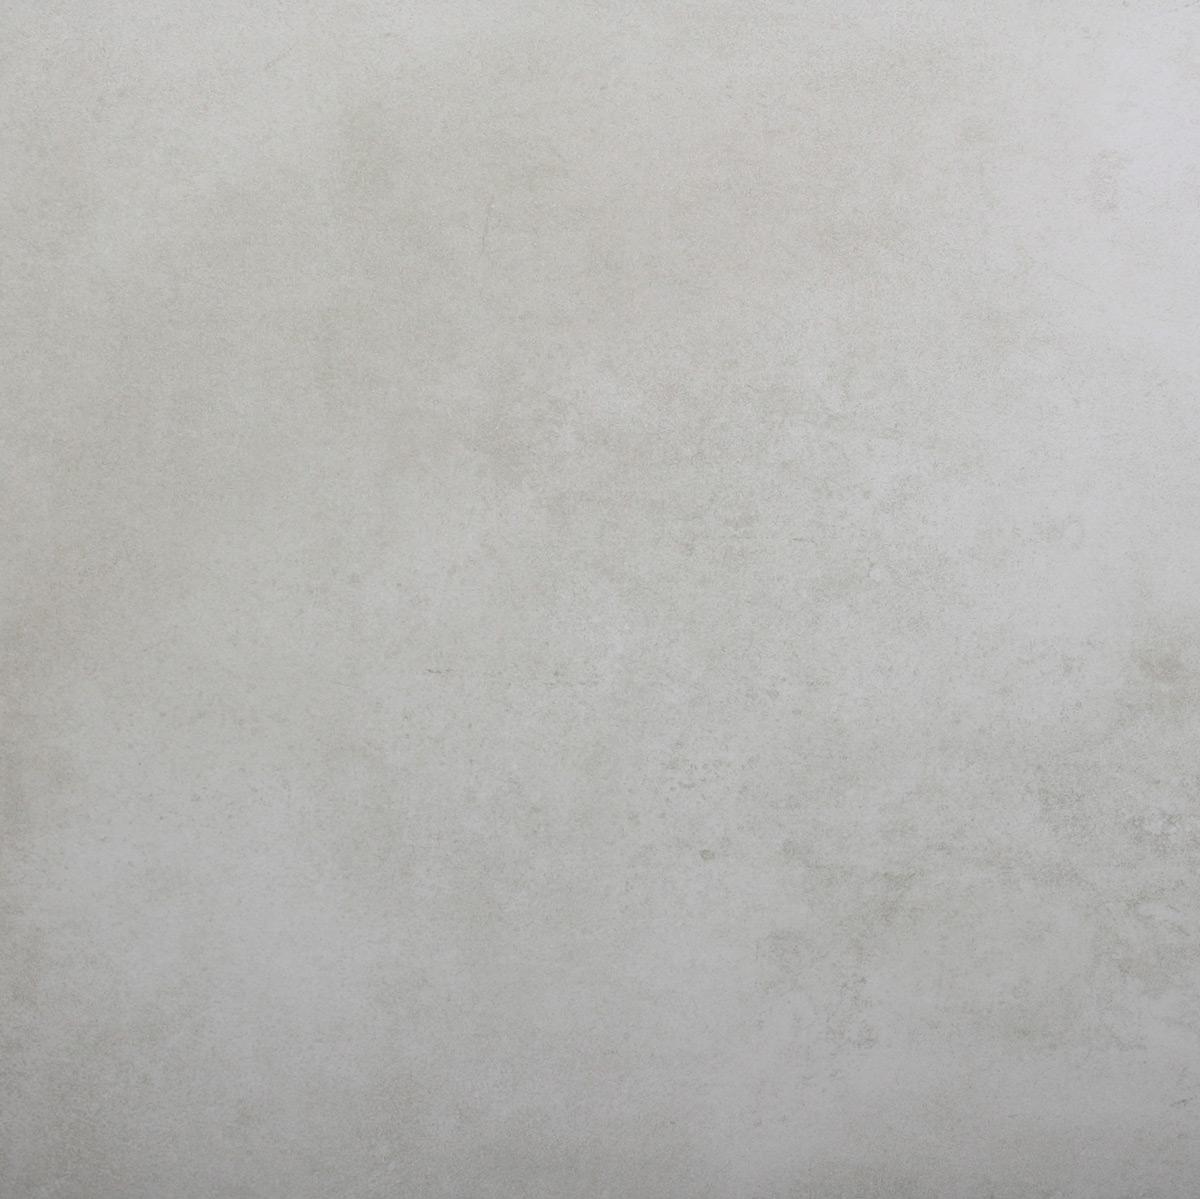 Cinque Luna Boden-/Wandfliese Sand 60x60 Matt